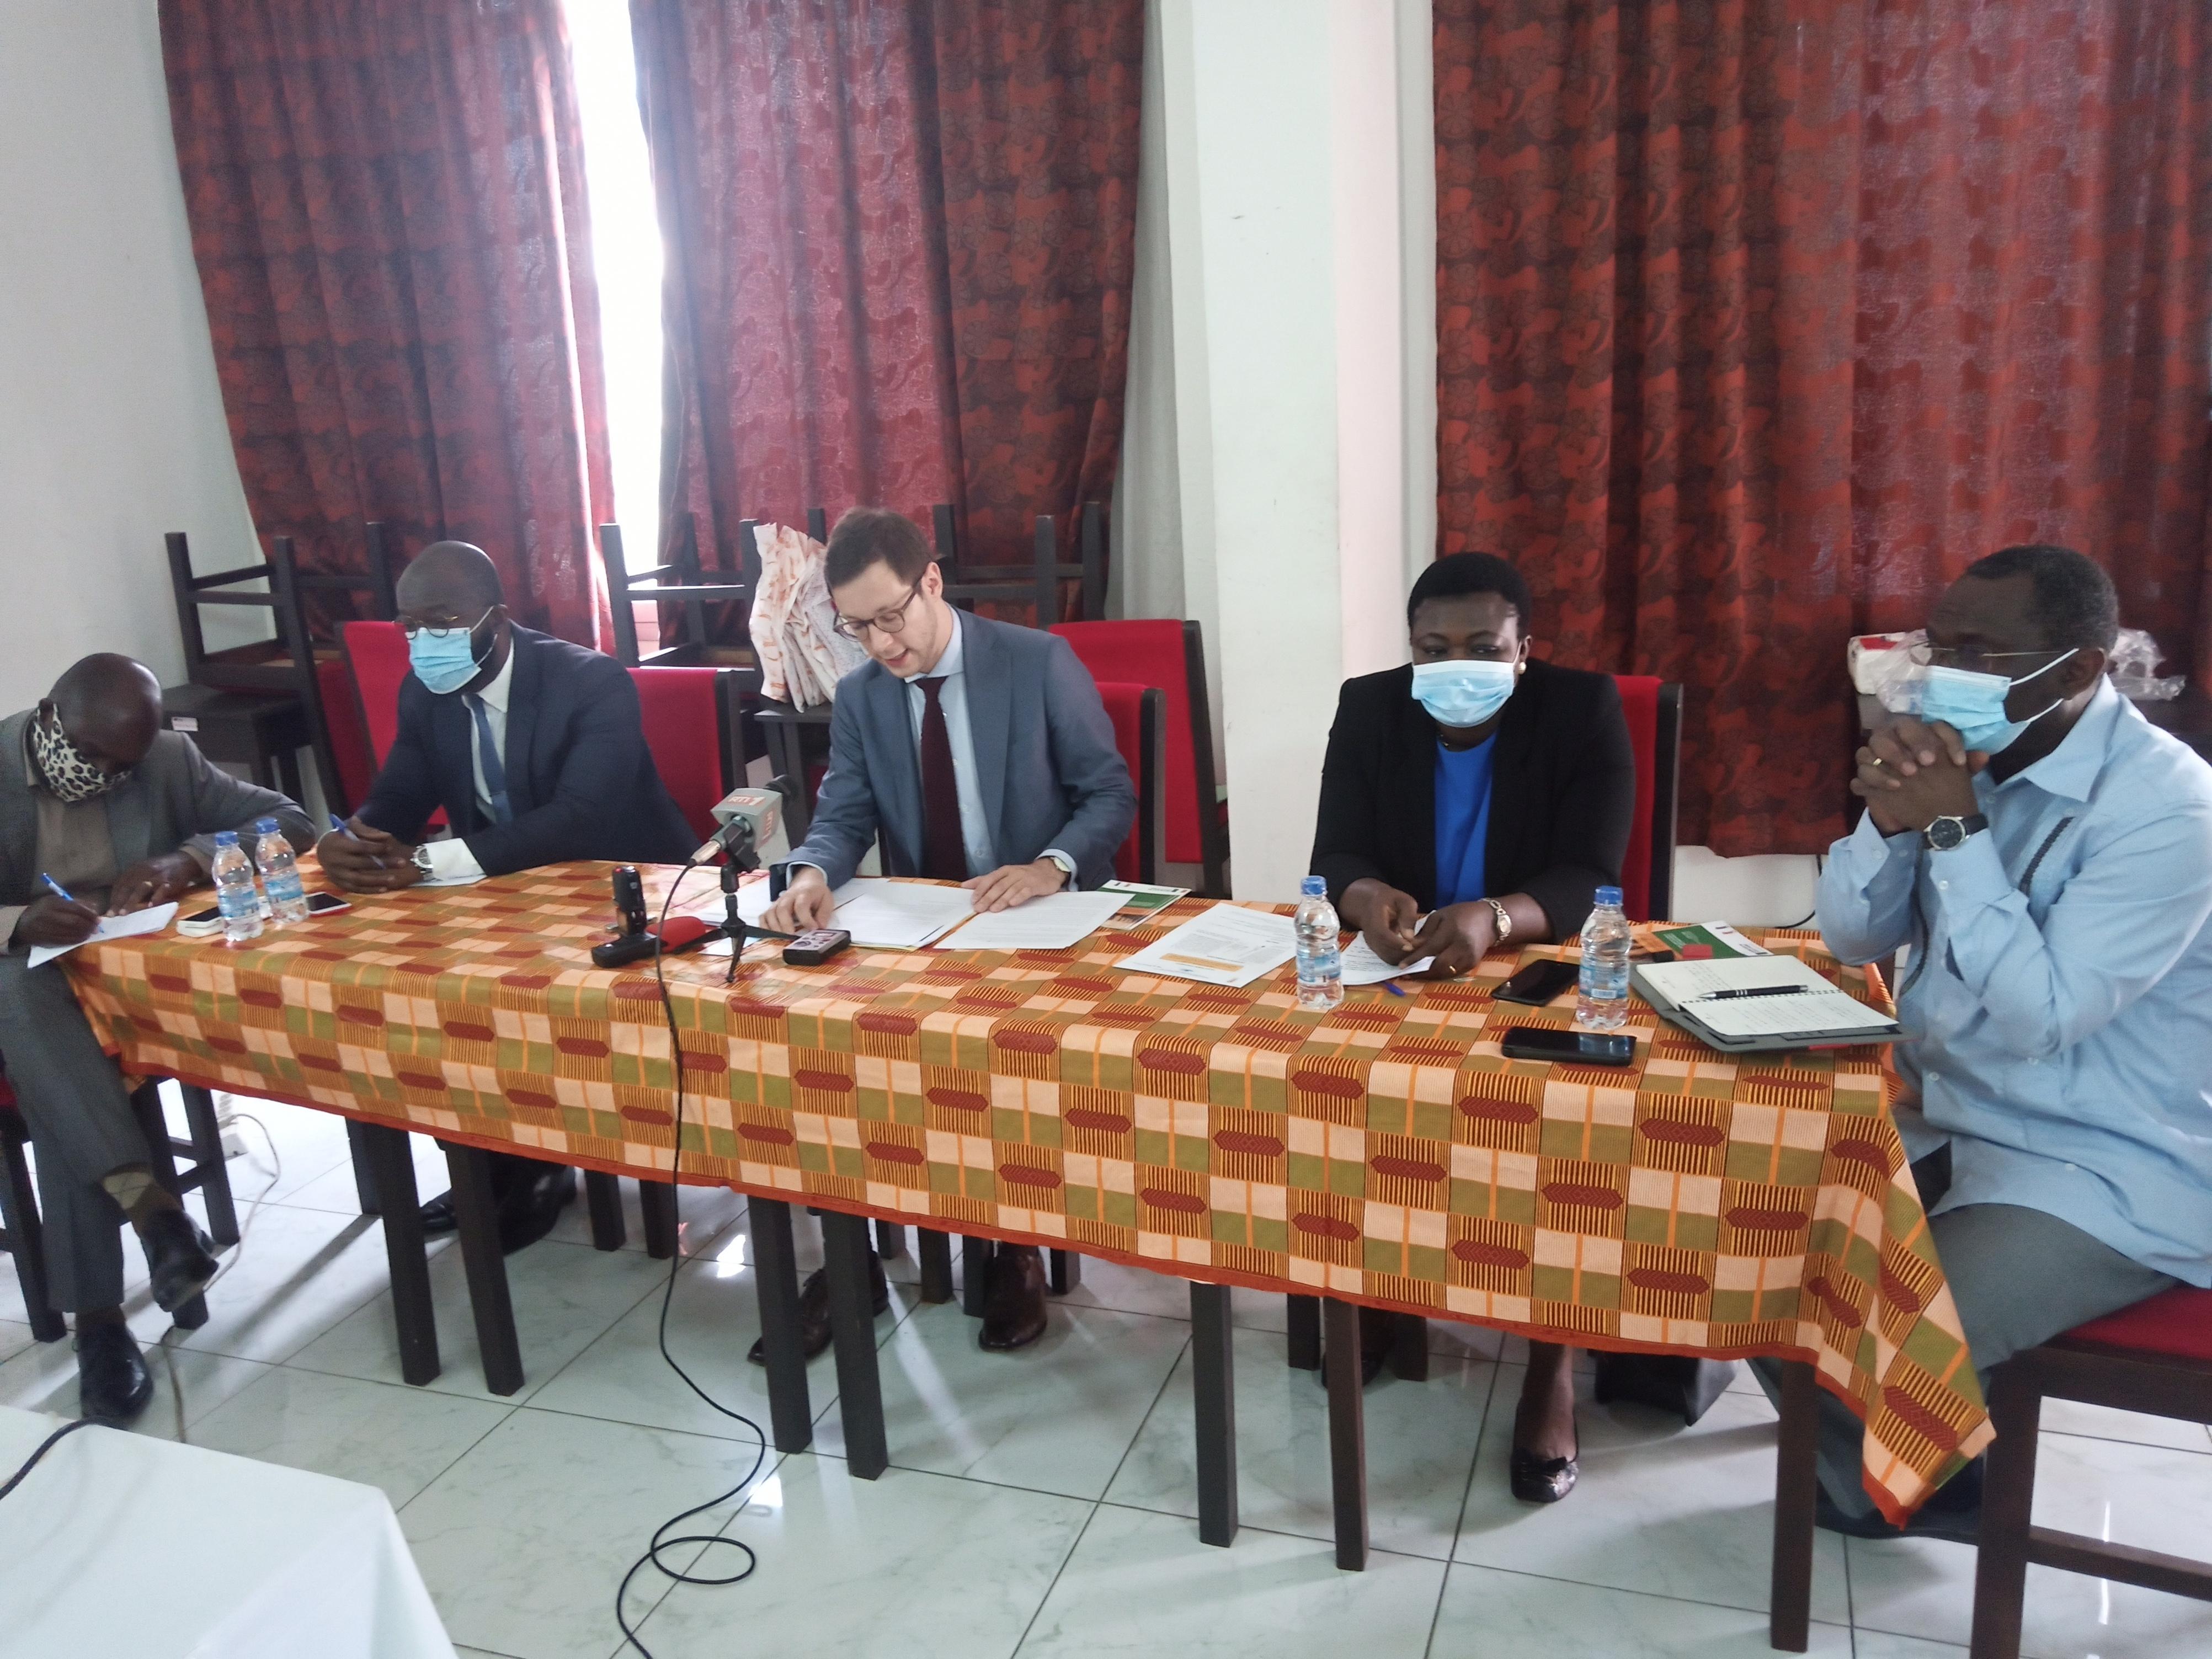 Martin Köver (au centre) a traduit tout le soutien de l'Ambassade de la République Fédérale d'Allemagne à l'ACAT-CI